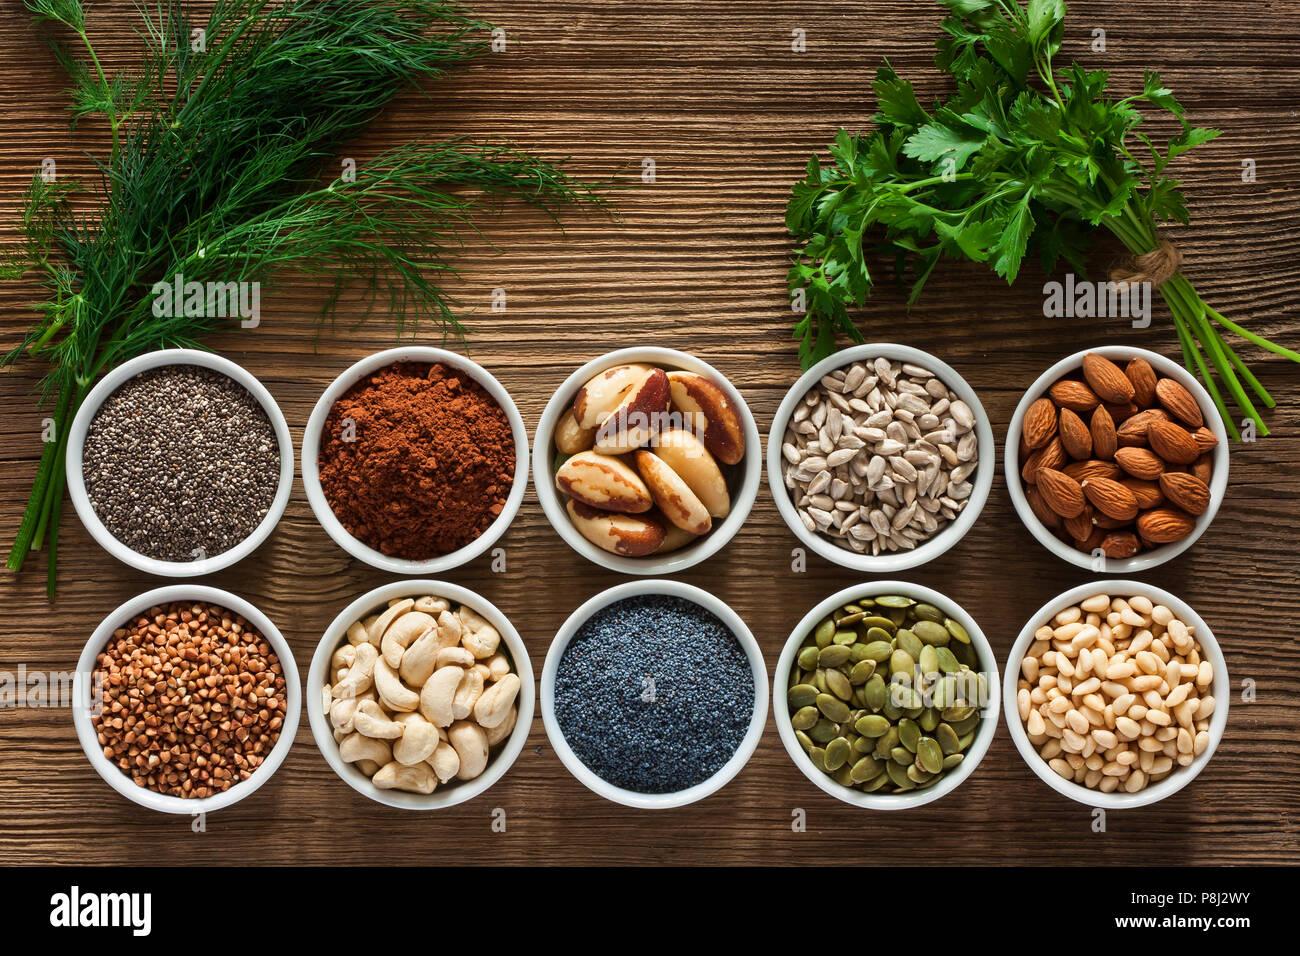 Alimentos ricos en magnesio como las semillas de calabaza, semillas de amapola azul, anacardos, almendras, semillas de girasol, trigo, cacao, chia, piñones, nueces de Brasil, pars Foto de stock